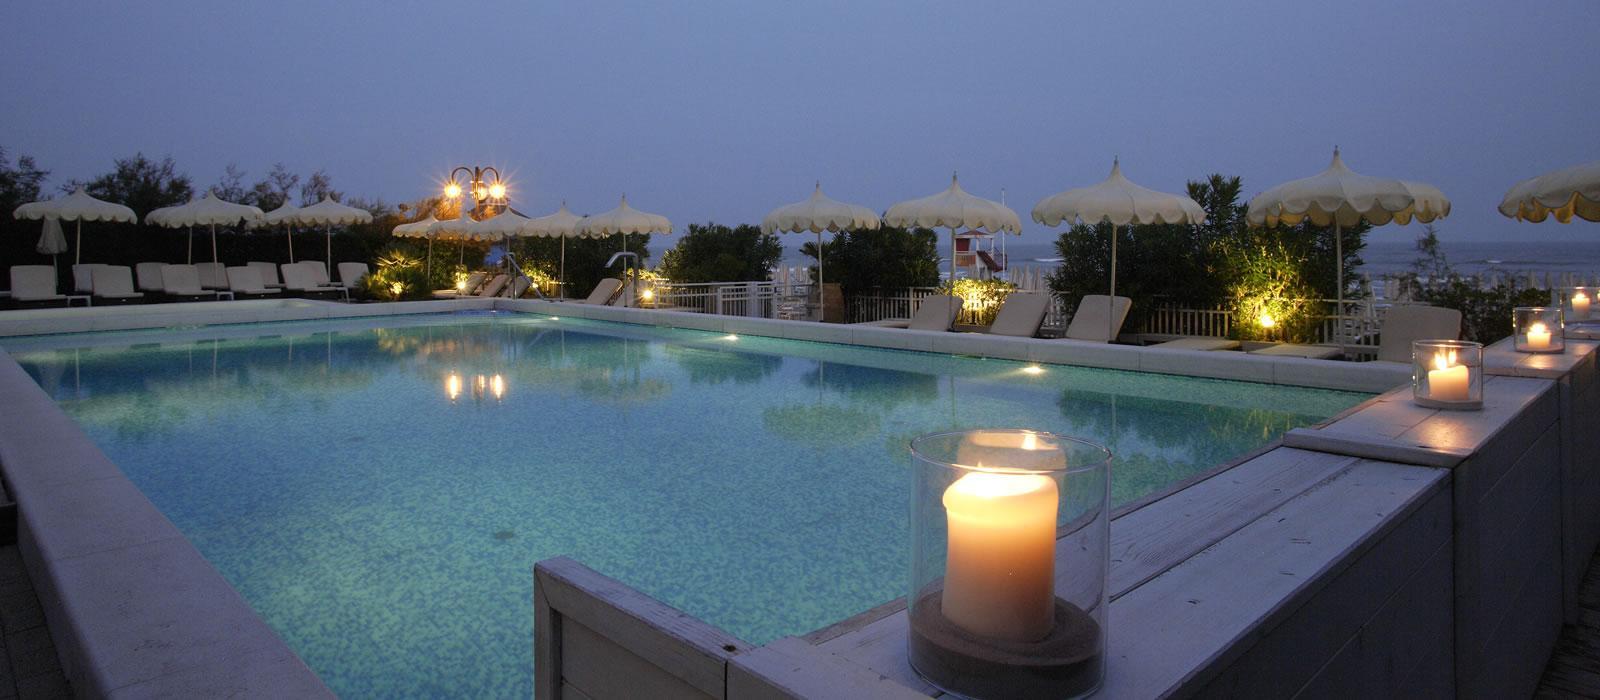 Hotel 4 stelle jesolo fronte mare con piscina hotel delle nazioni jesolo - Hotel jesolo con piscina fronte mare ...